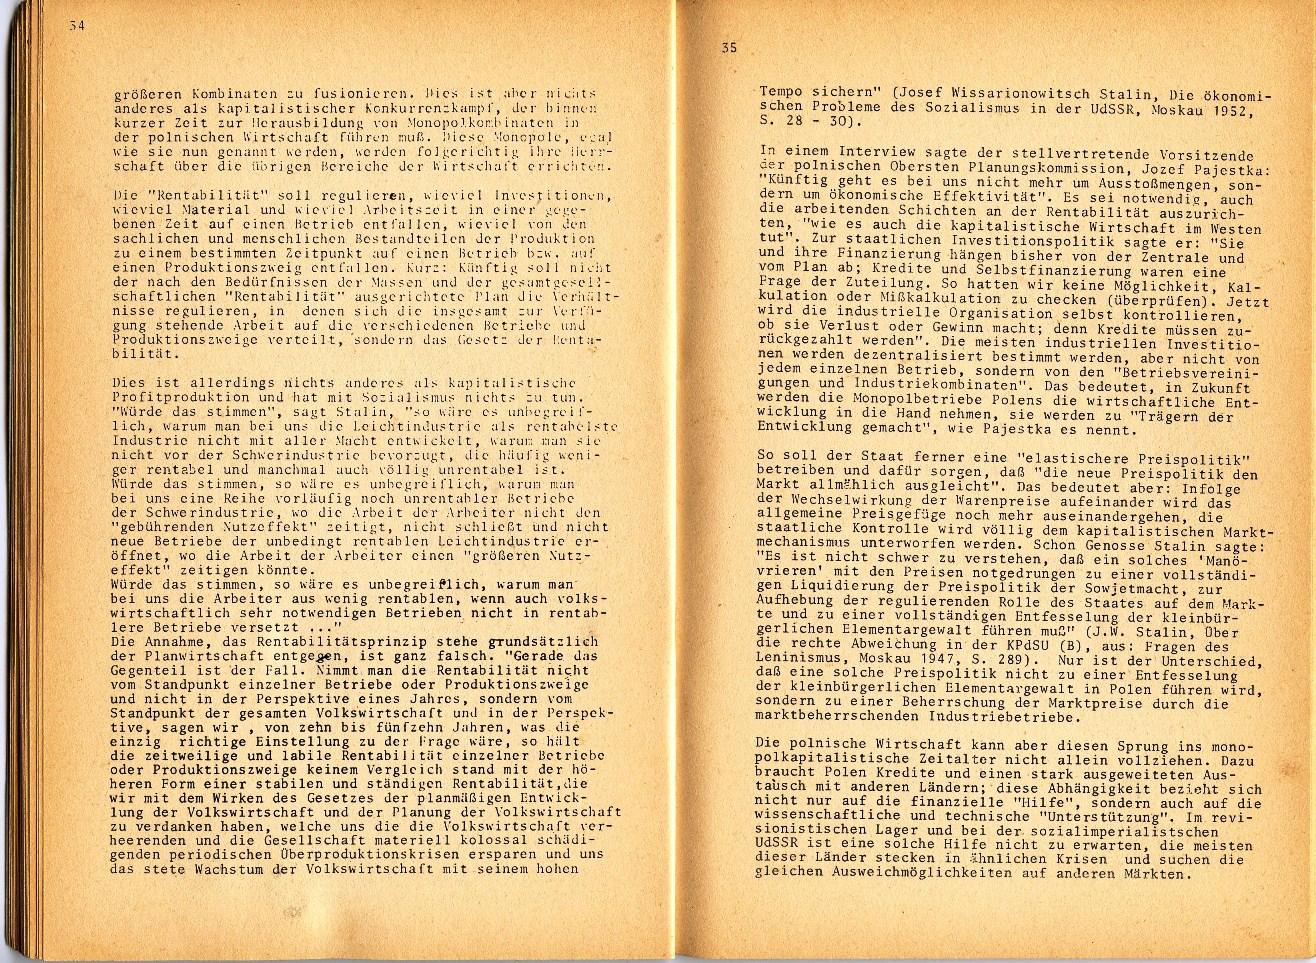 ZB_Polen_Aufstand_1971_21